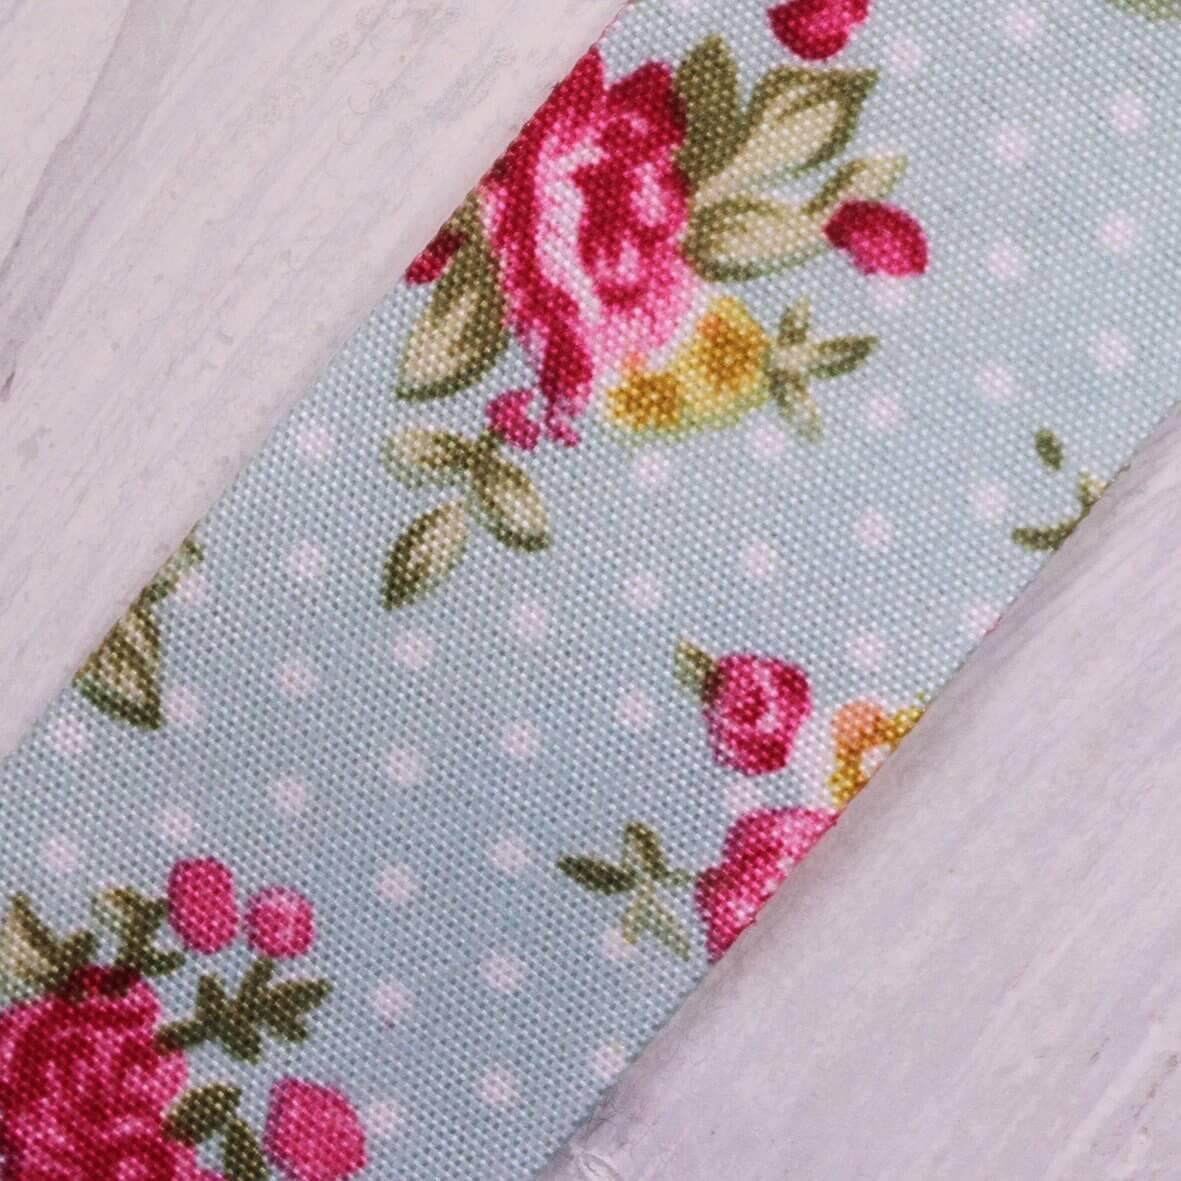 Floral Polka Dot Ribbon 25mm - Antique Blue